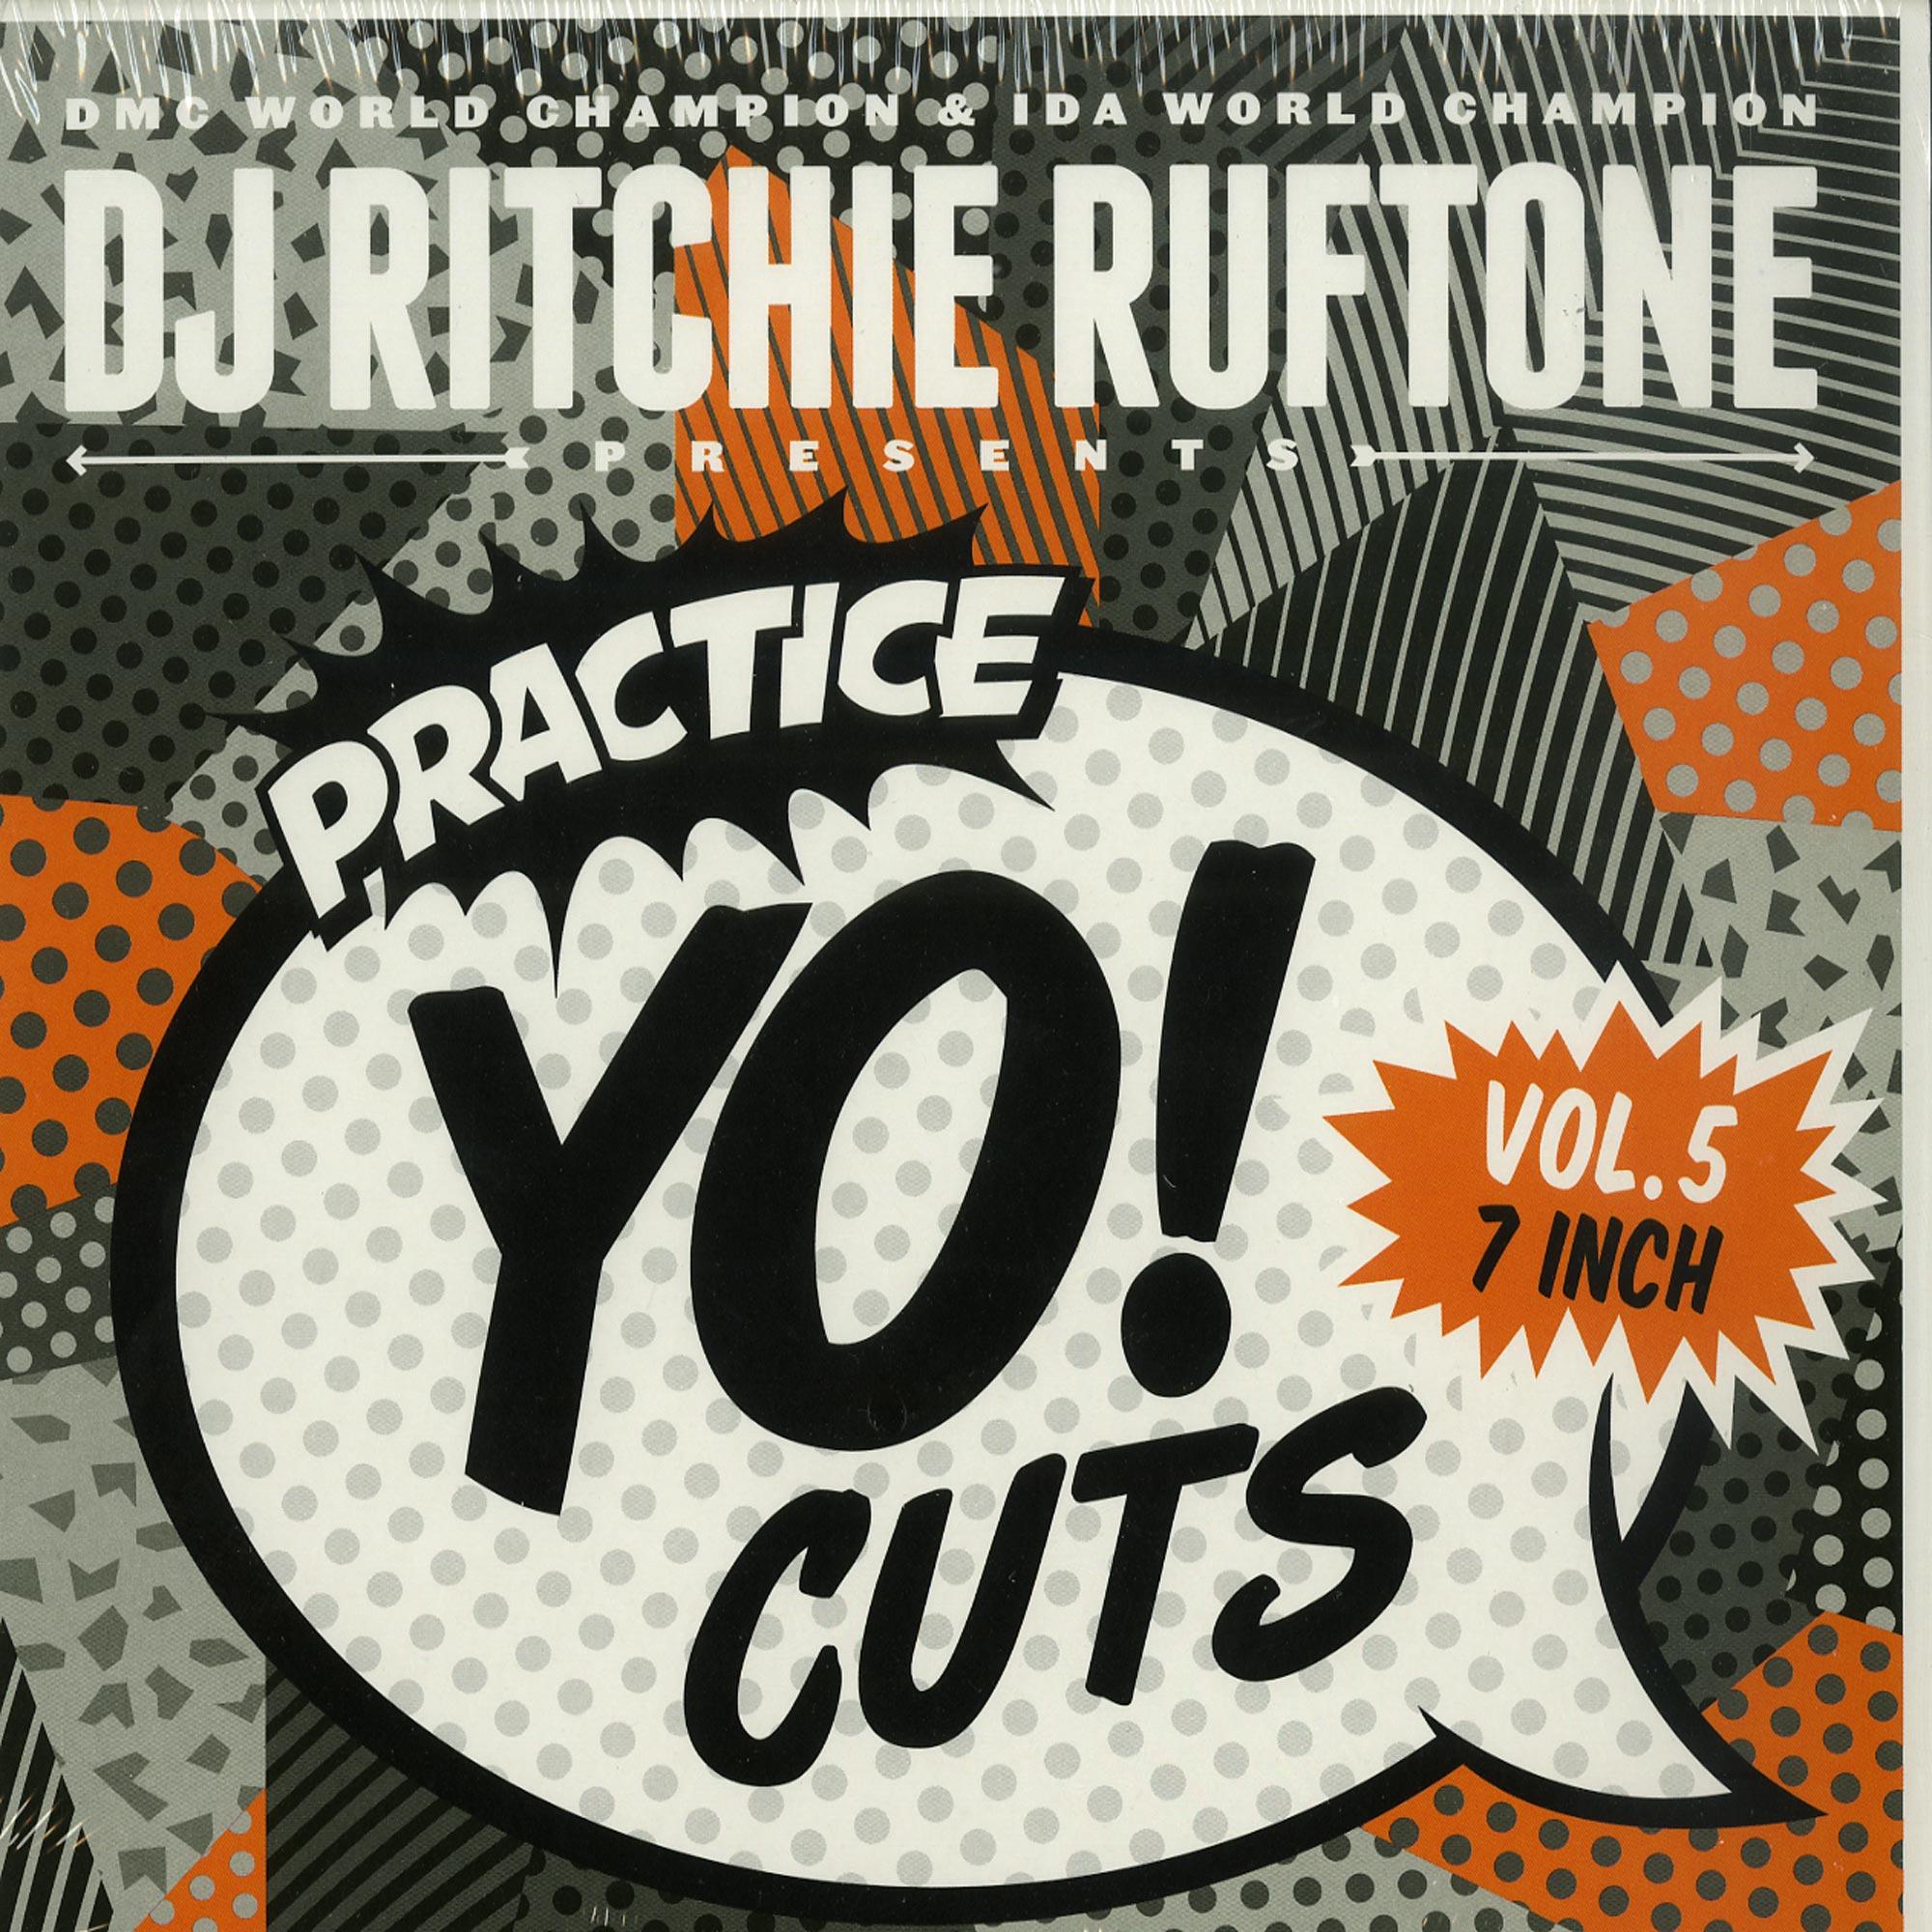 DJ Ritchie Rufftone - PRACTICE YO! CUTS VOL. 5